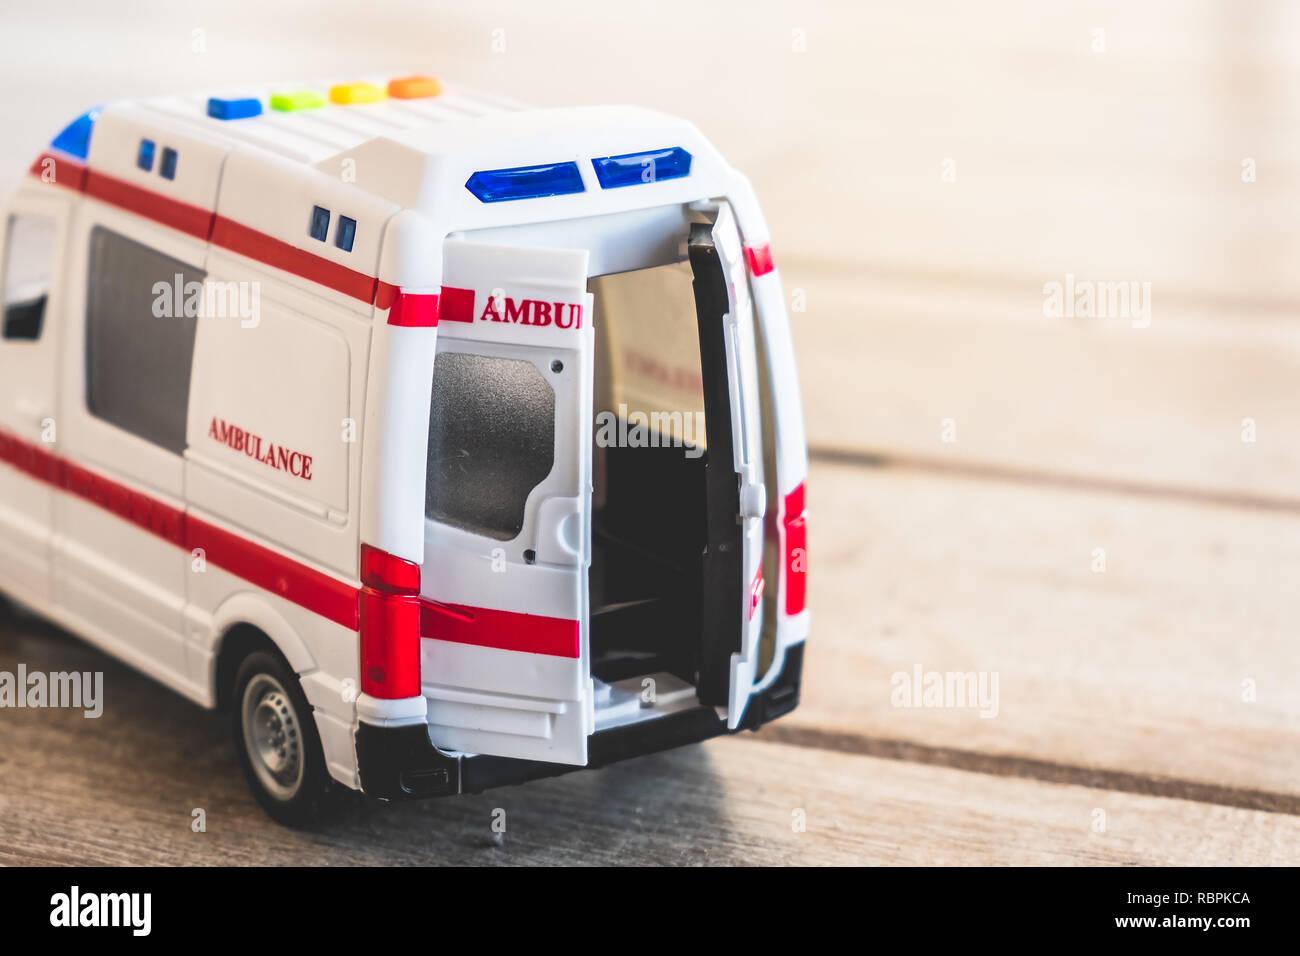 Krankenwagen Türen Hintergrund Gesundheit Pflege Spielzeug Nahaufnahme Stockbild